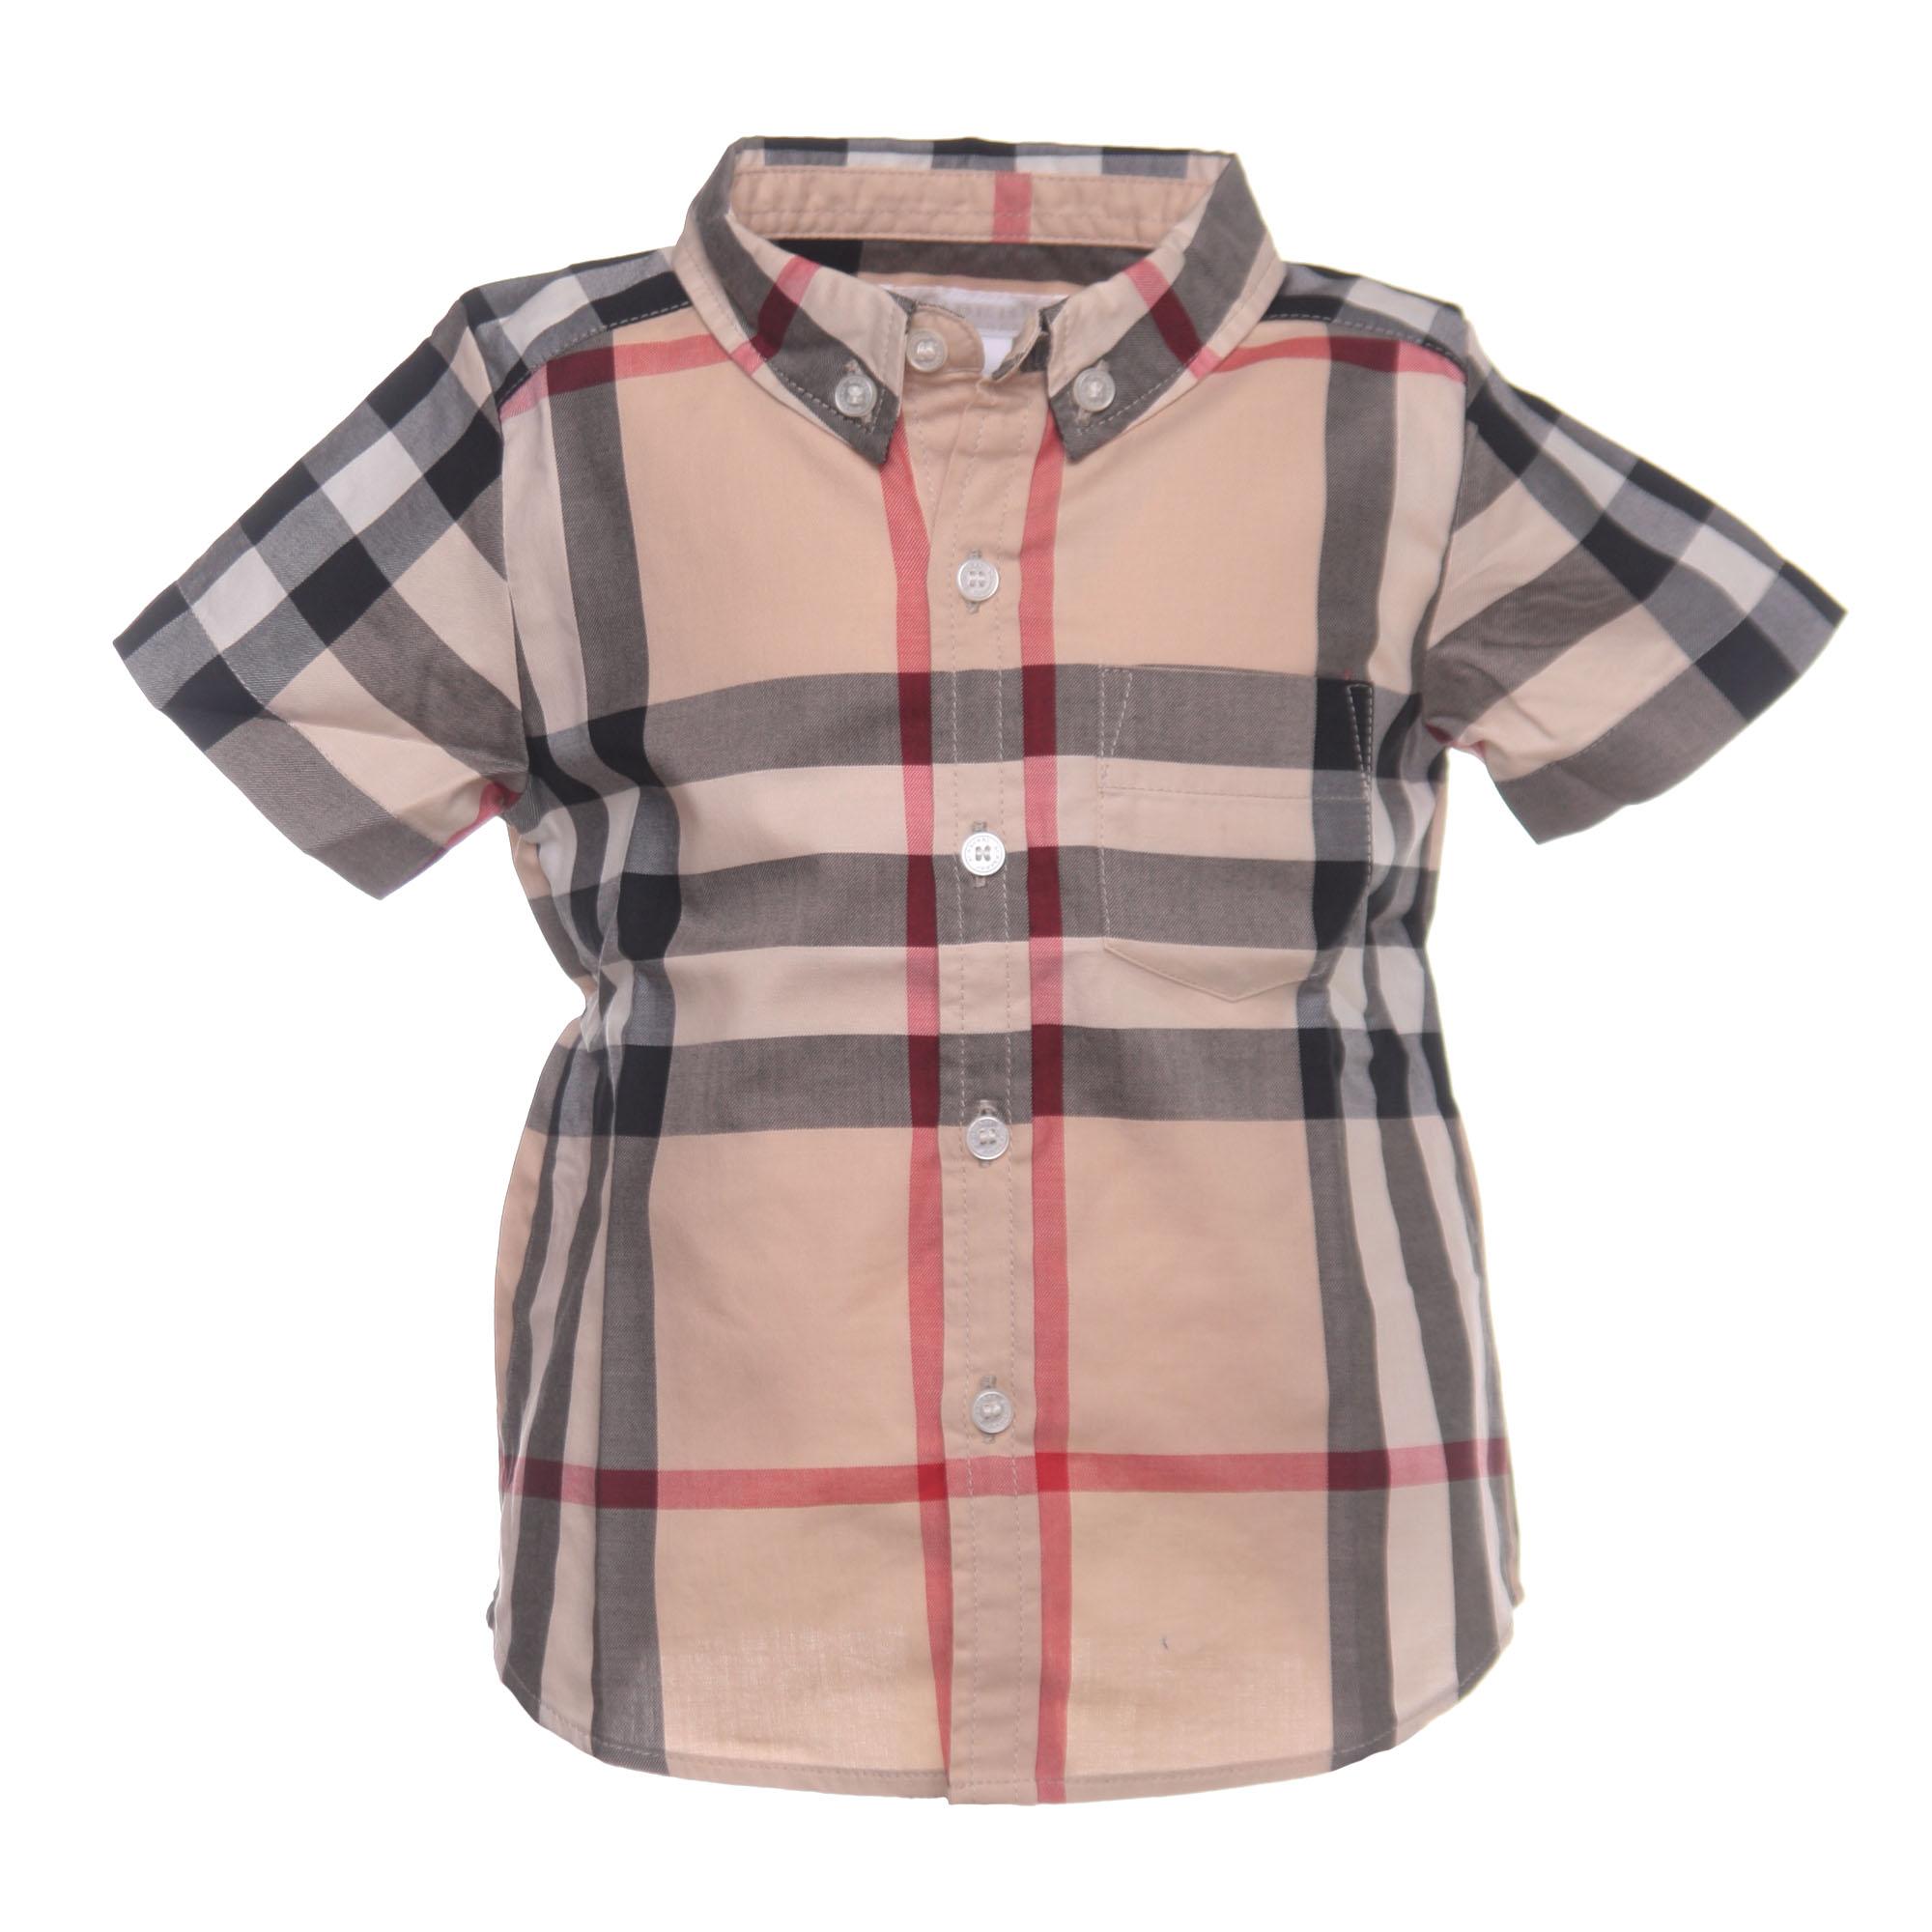 8d61e6ddb3f5 Burberry - Camicia Bambino Check Manica Corta - annameglio.com shop ...